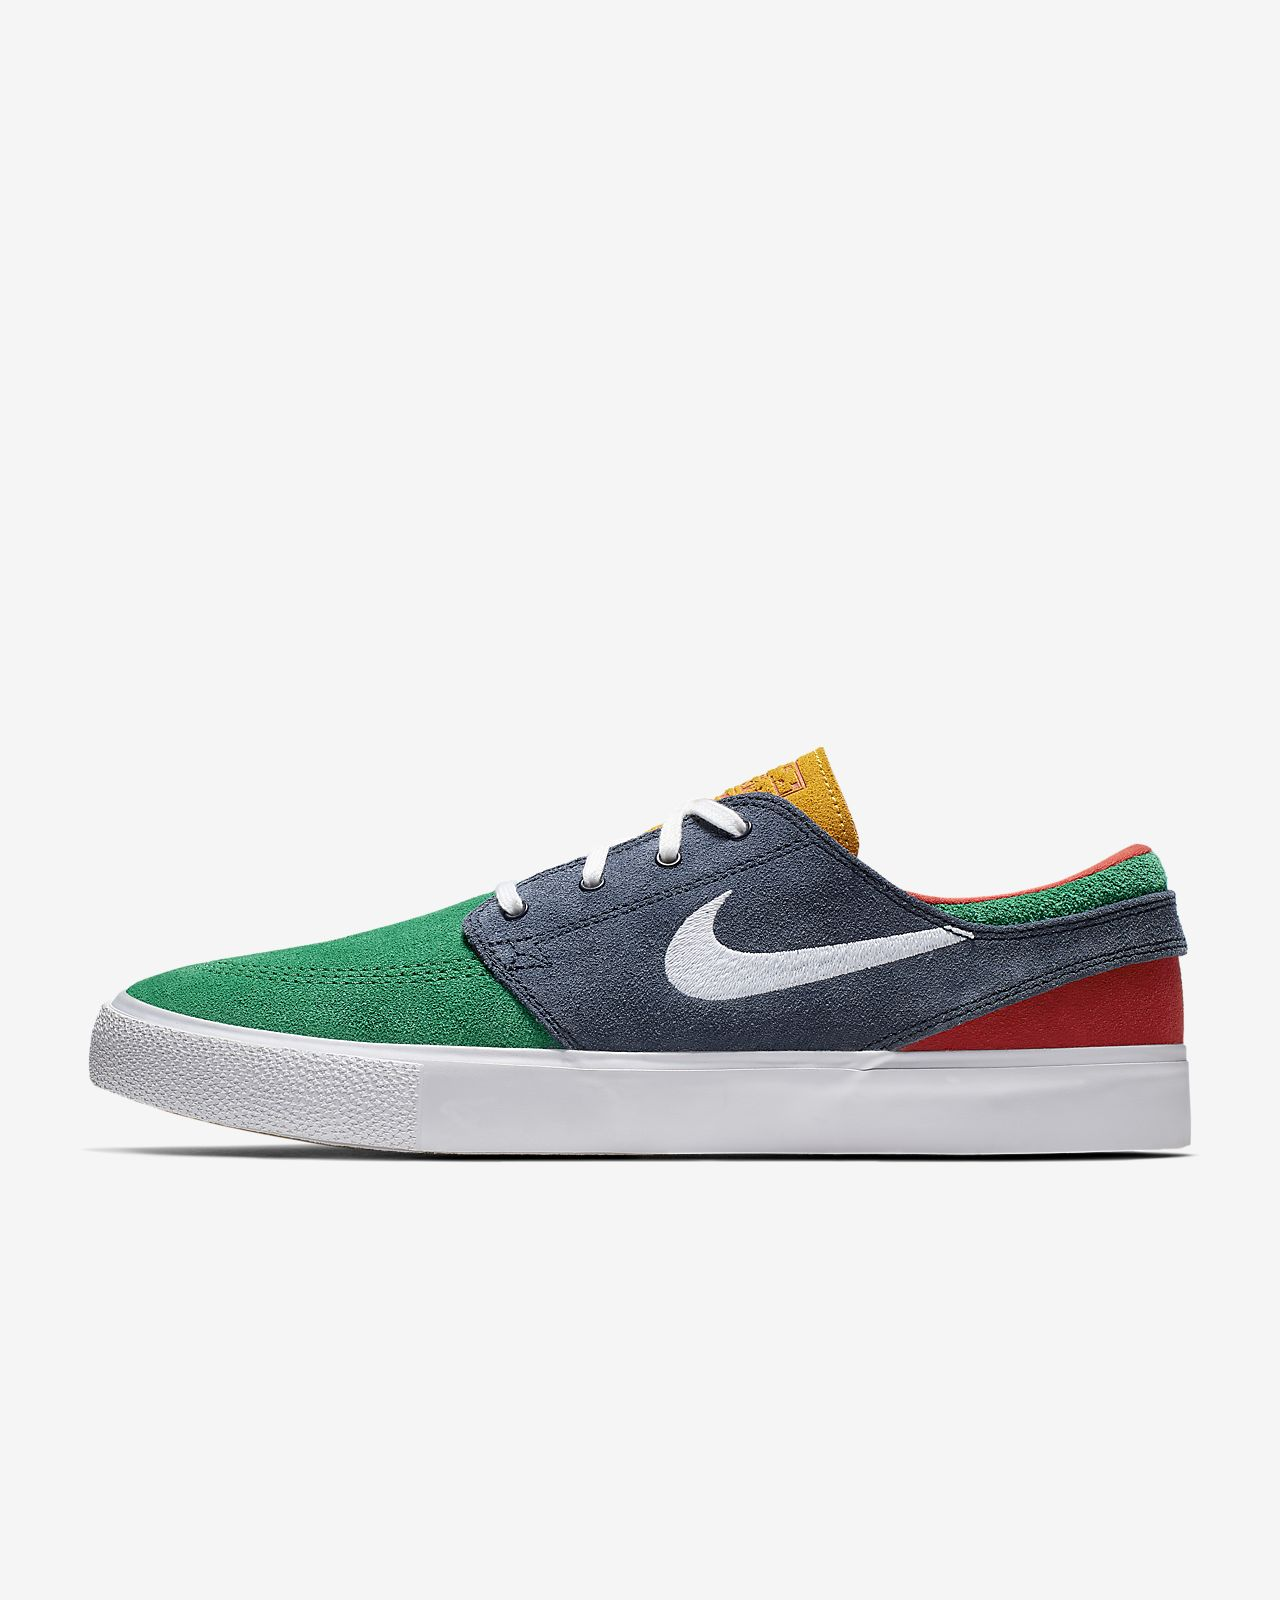 Nike SB Zoom Janoski RM男/女滑板鞋